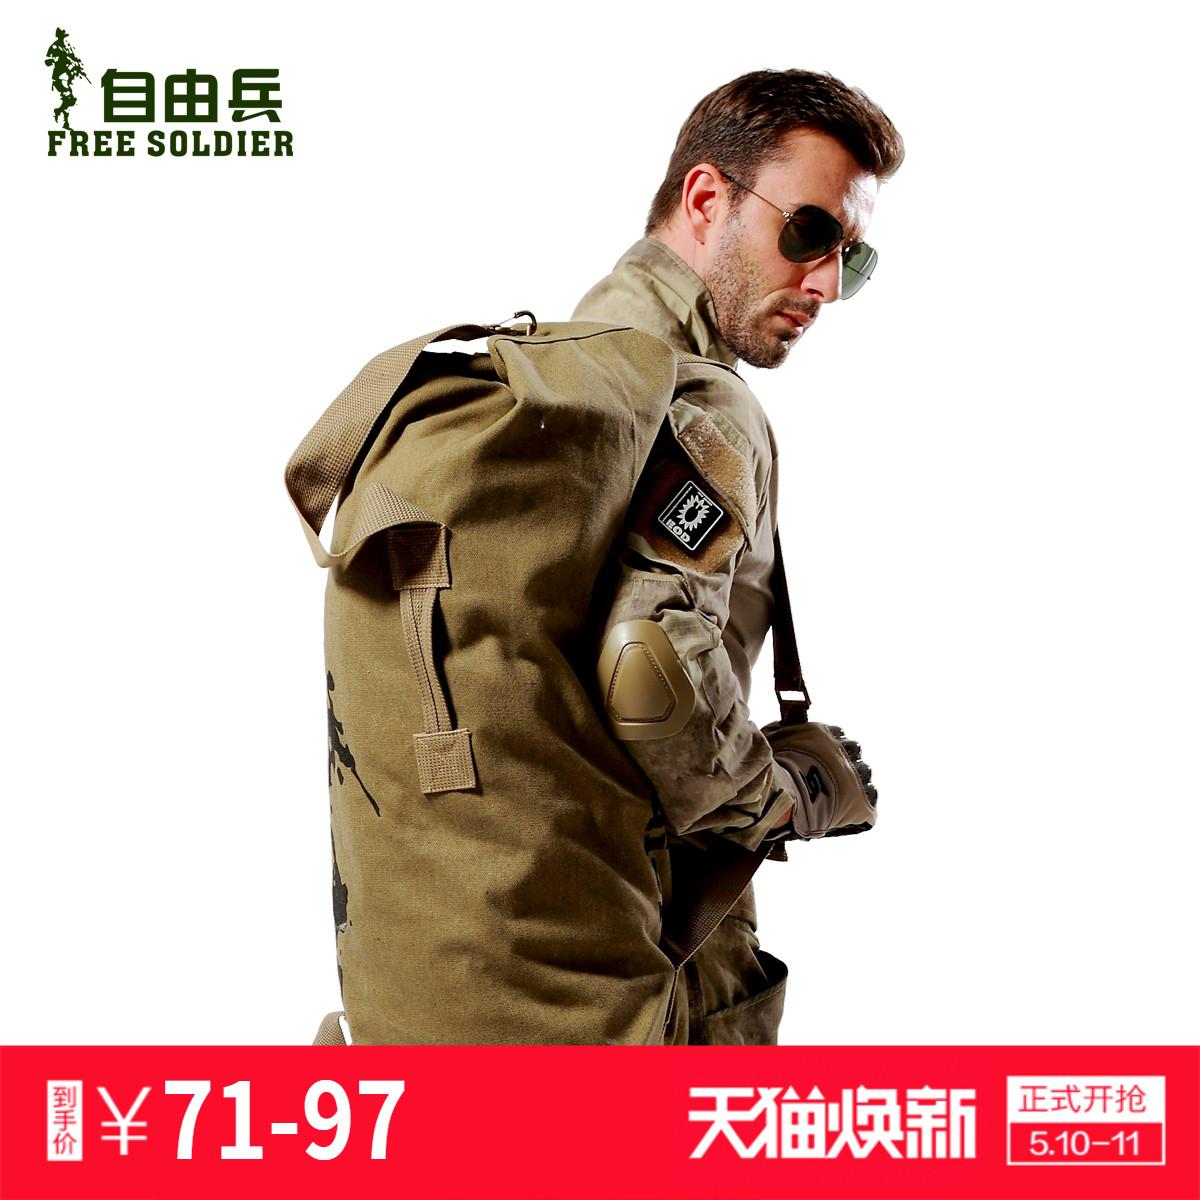 自由兵户外战术背包